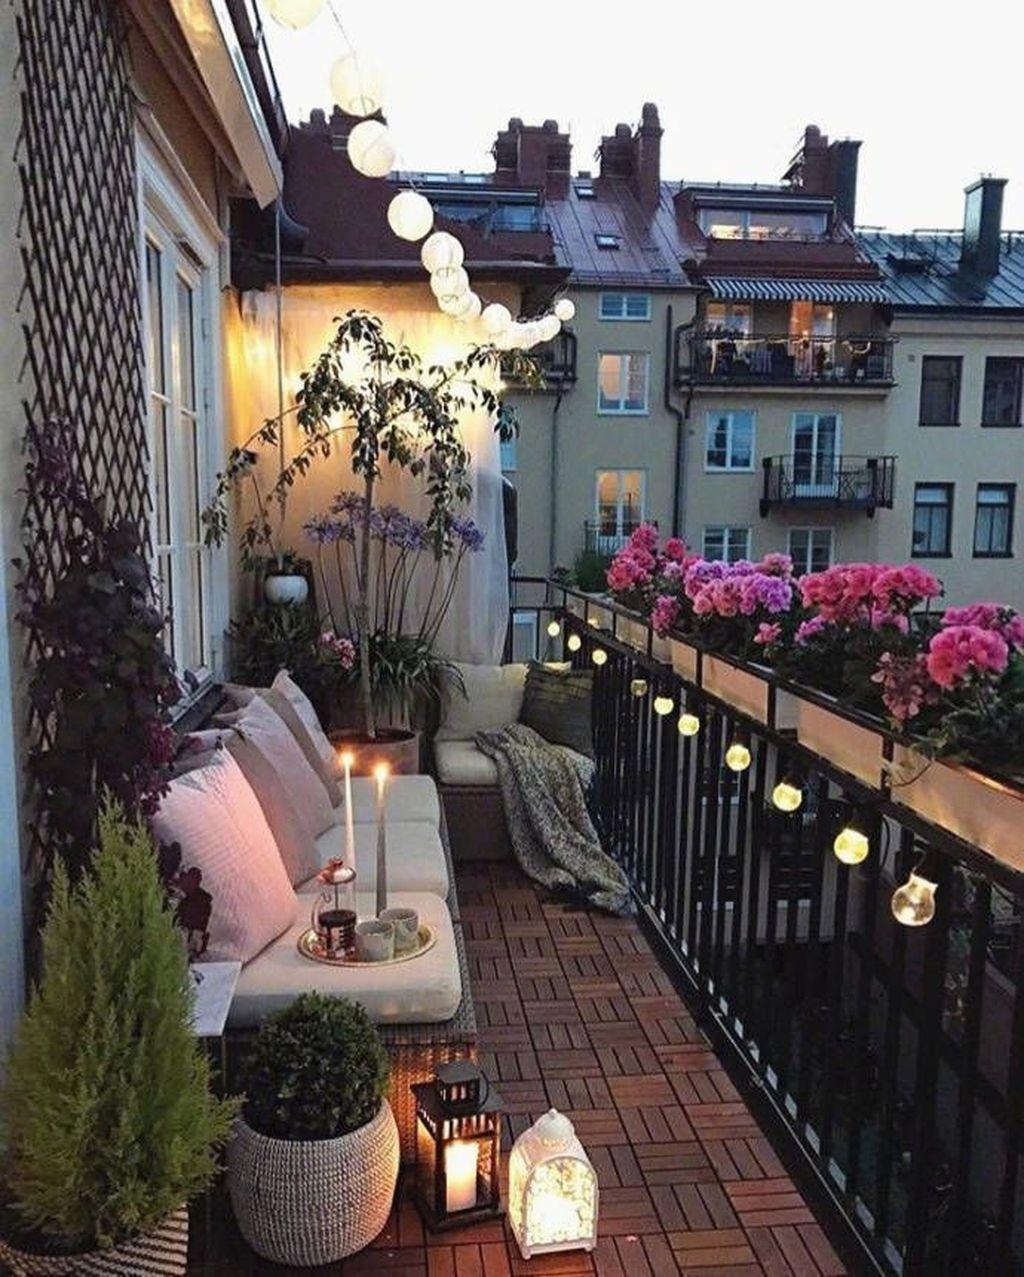 The Best Apartment Balcony Decor Ideas For Fall Season 33